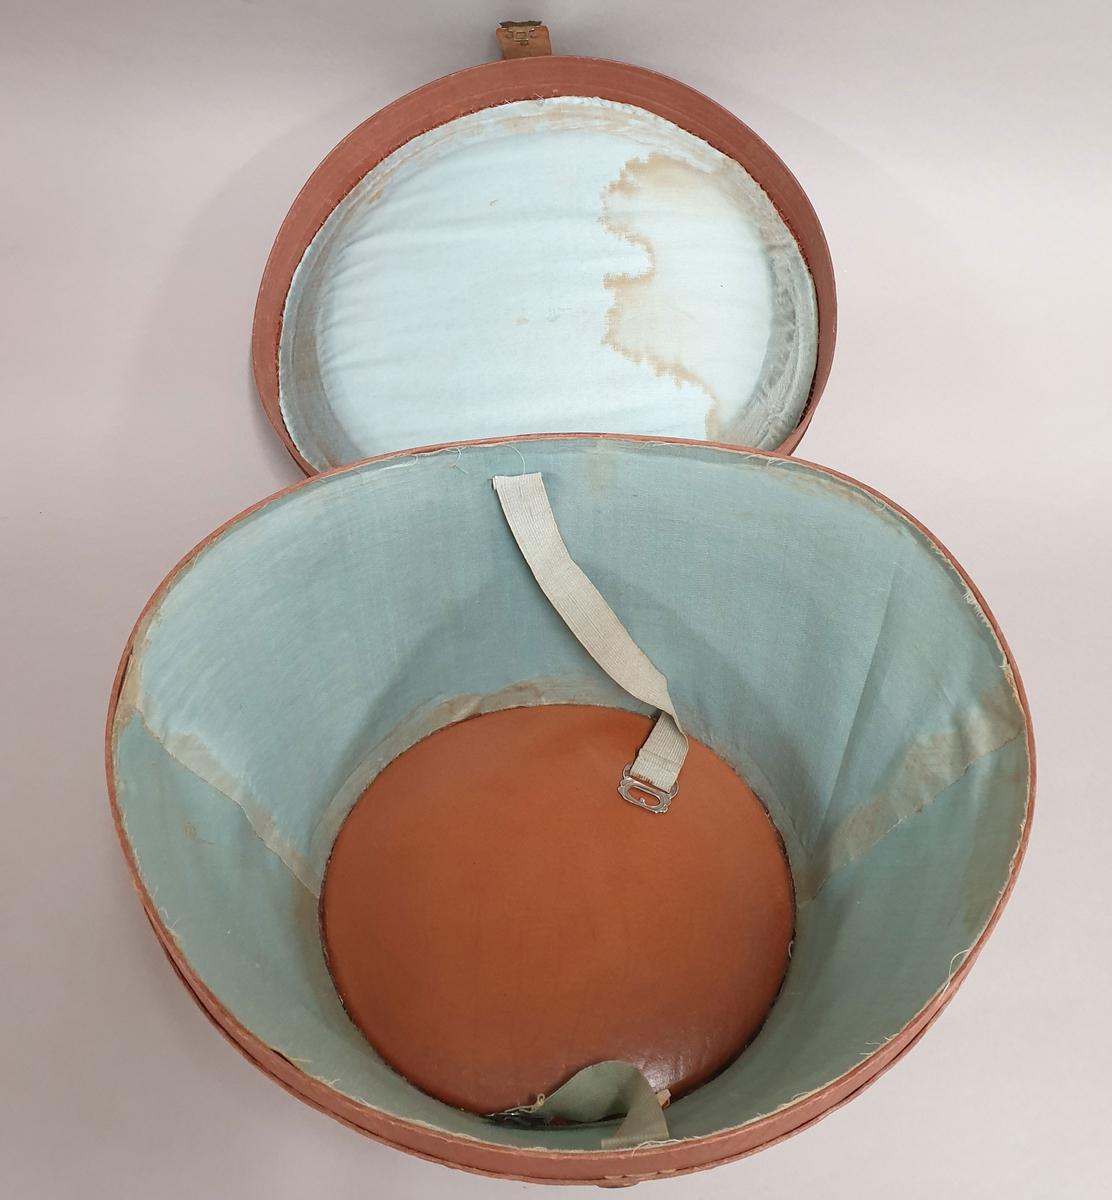 Hatteeske for flosshatt, av skinn. Lokket har håndtak og reim tvers over, med lås på siden av esken. Det er flere reiselapper av papir limt på esken.